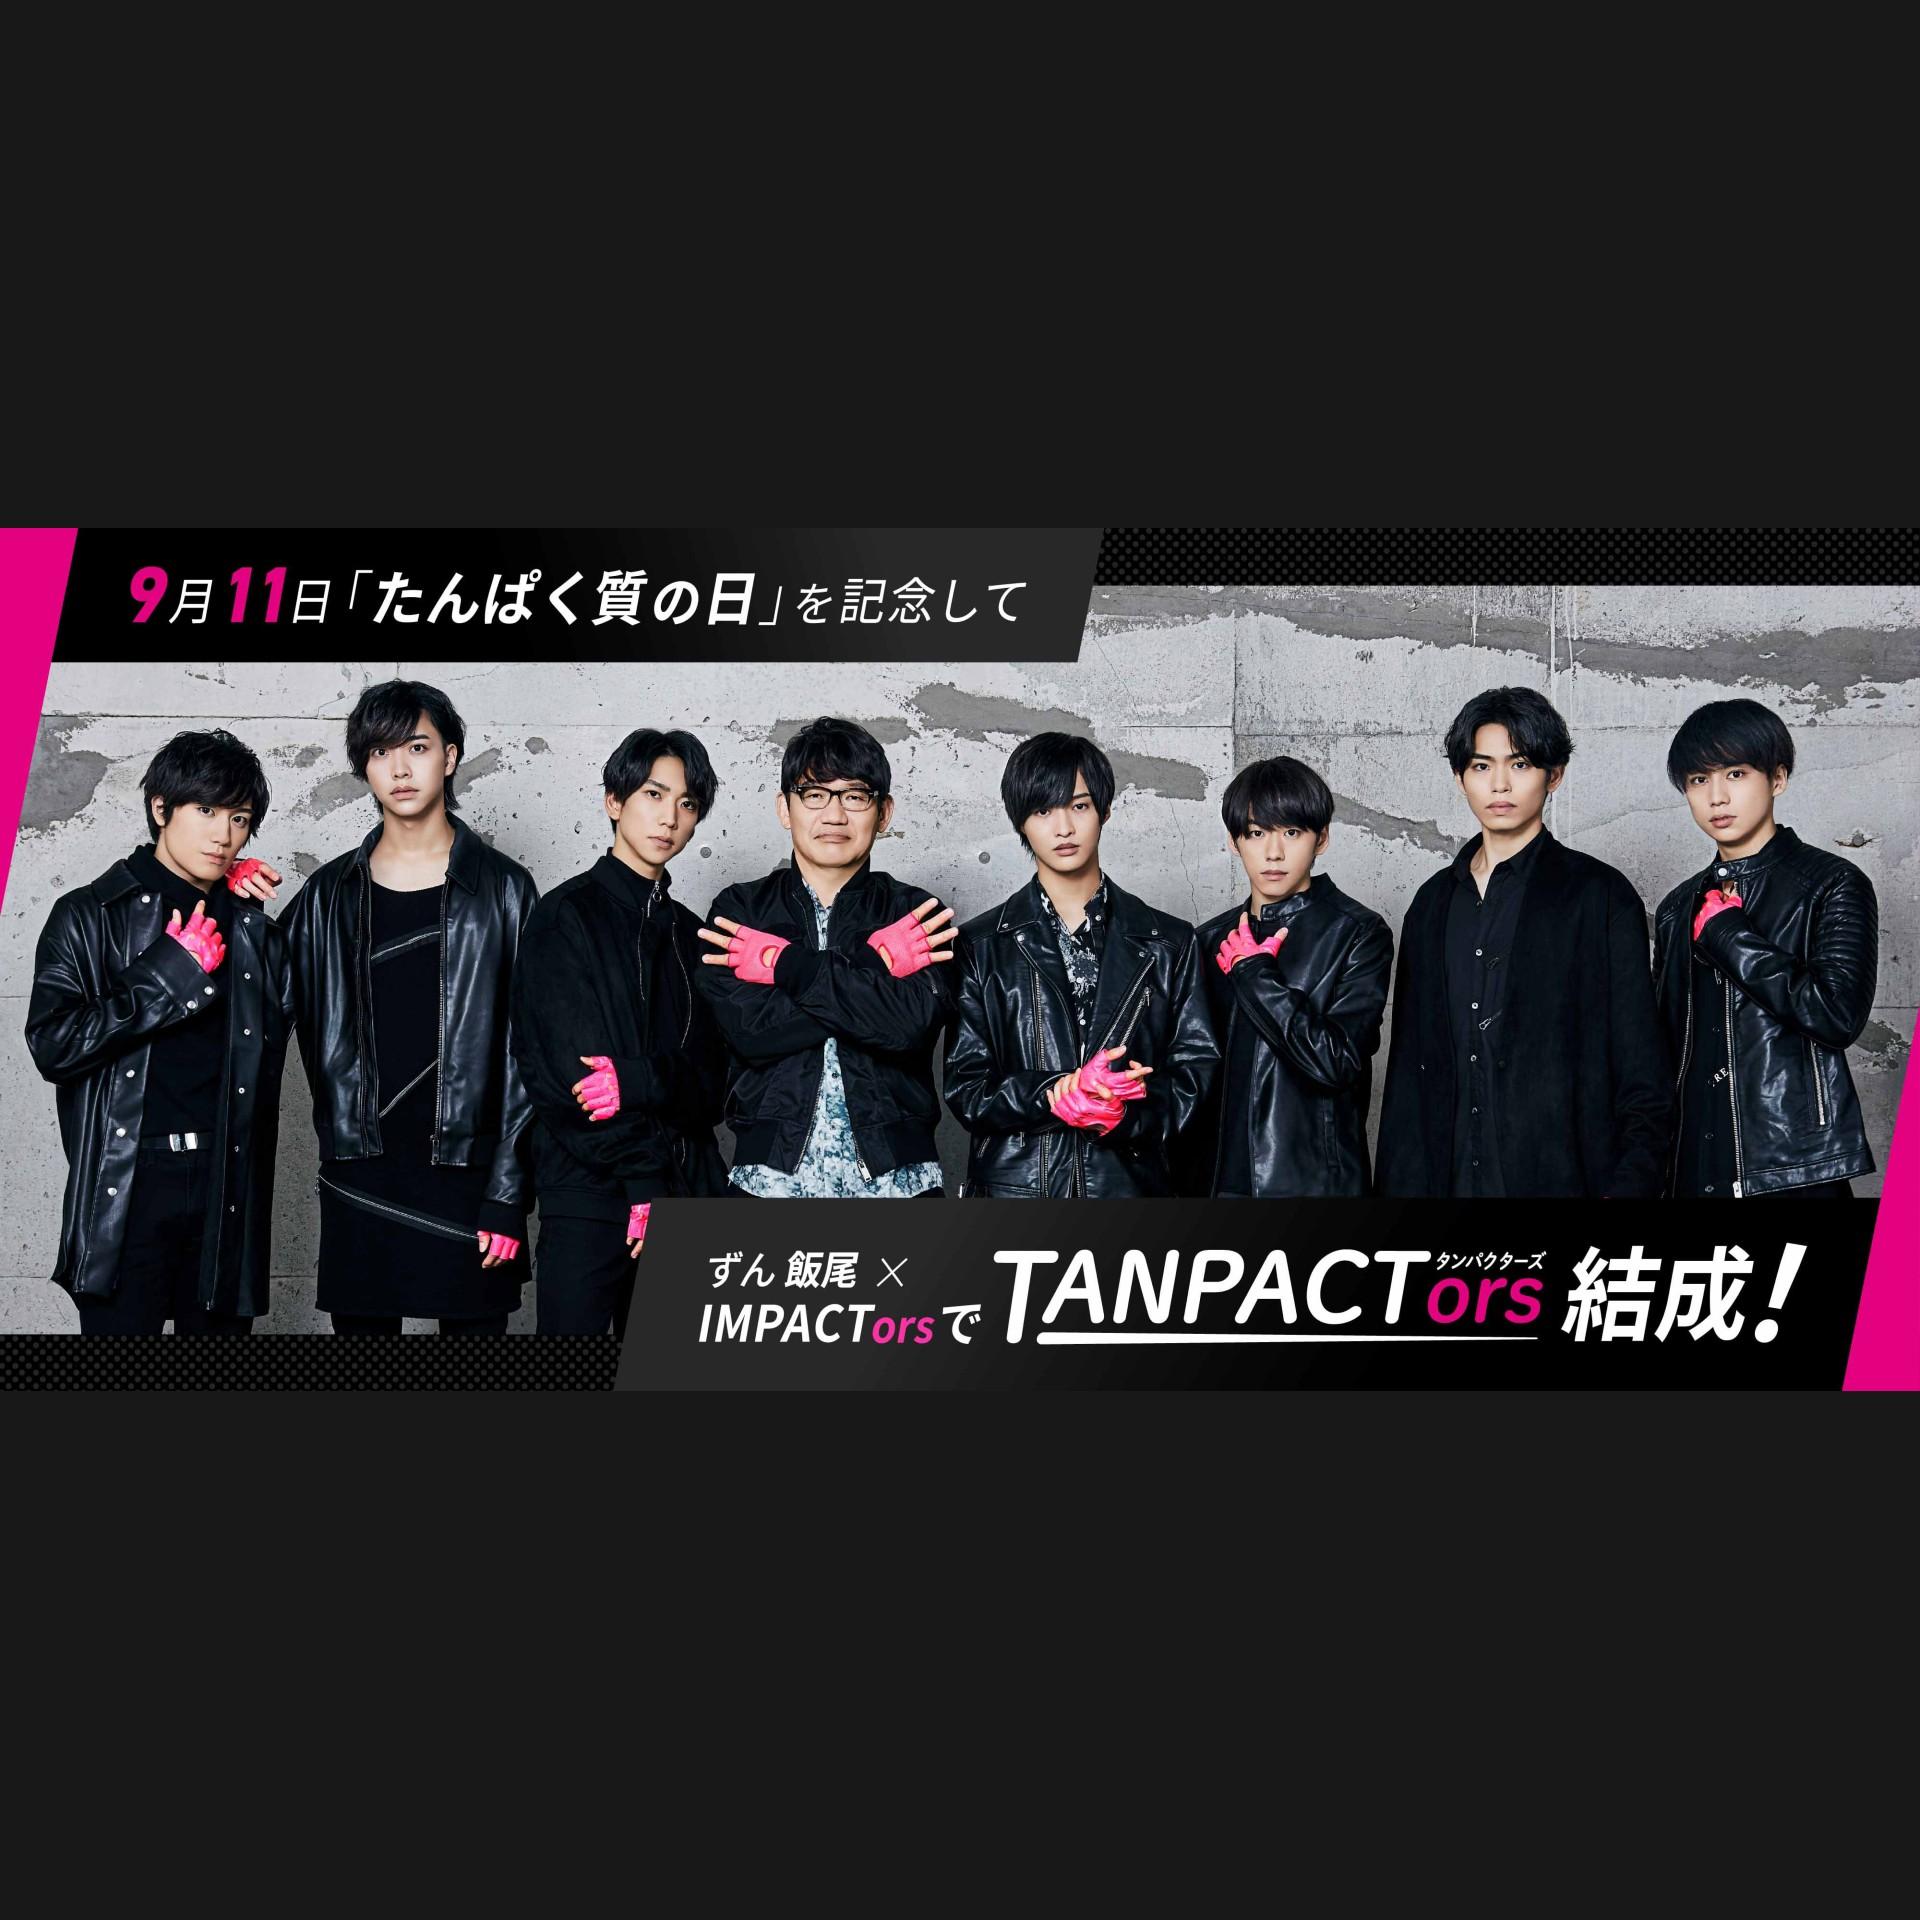 IMPACTors首次代言拍攝廣告 與ずん飯尾和樹組成期間限定團體TANPACTors